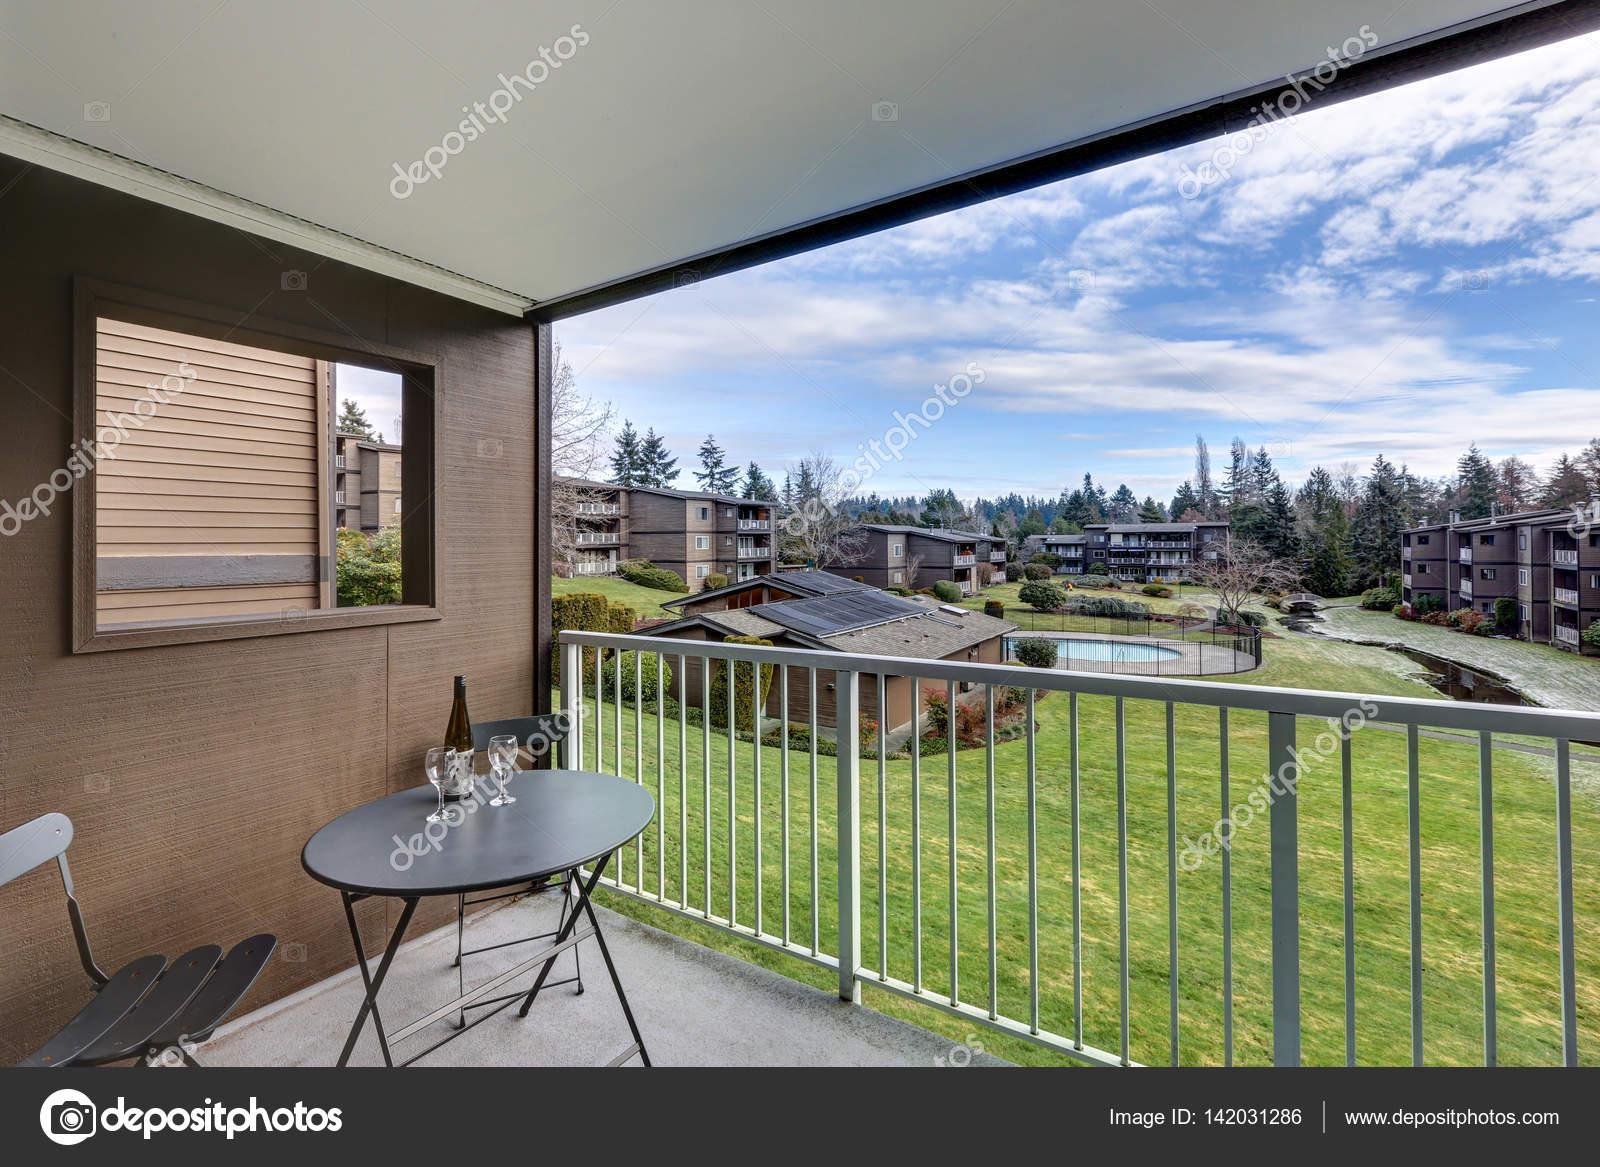 Zwembad Op Balkon : Uitzicht vanaf appartement balkon van met gras begroeide heuvel en